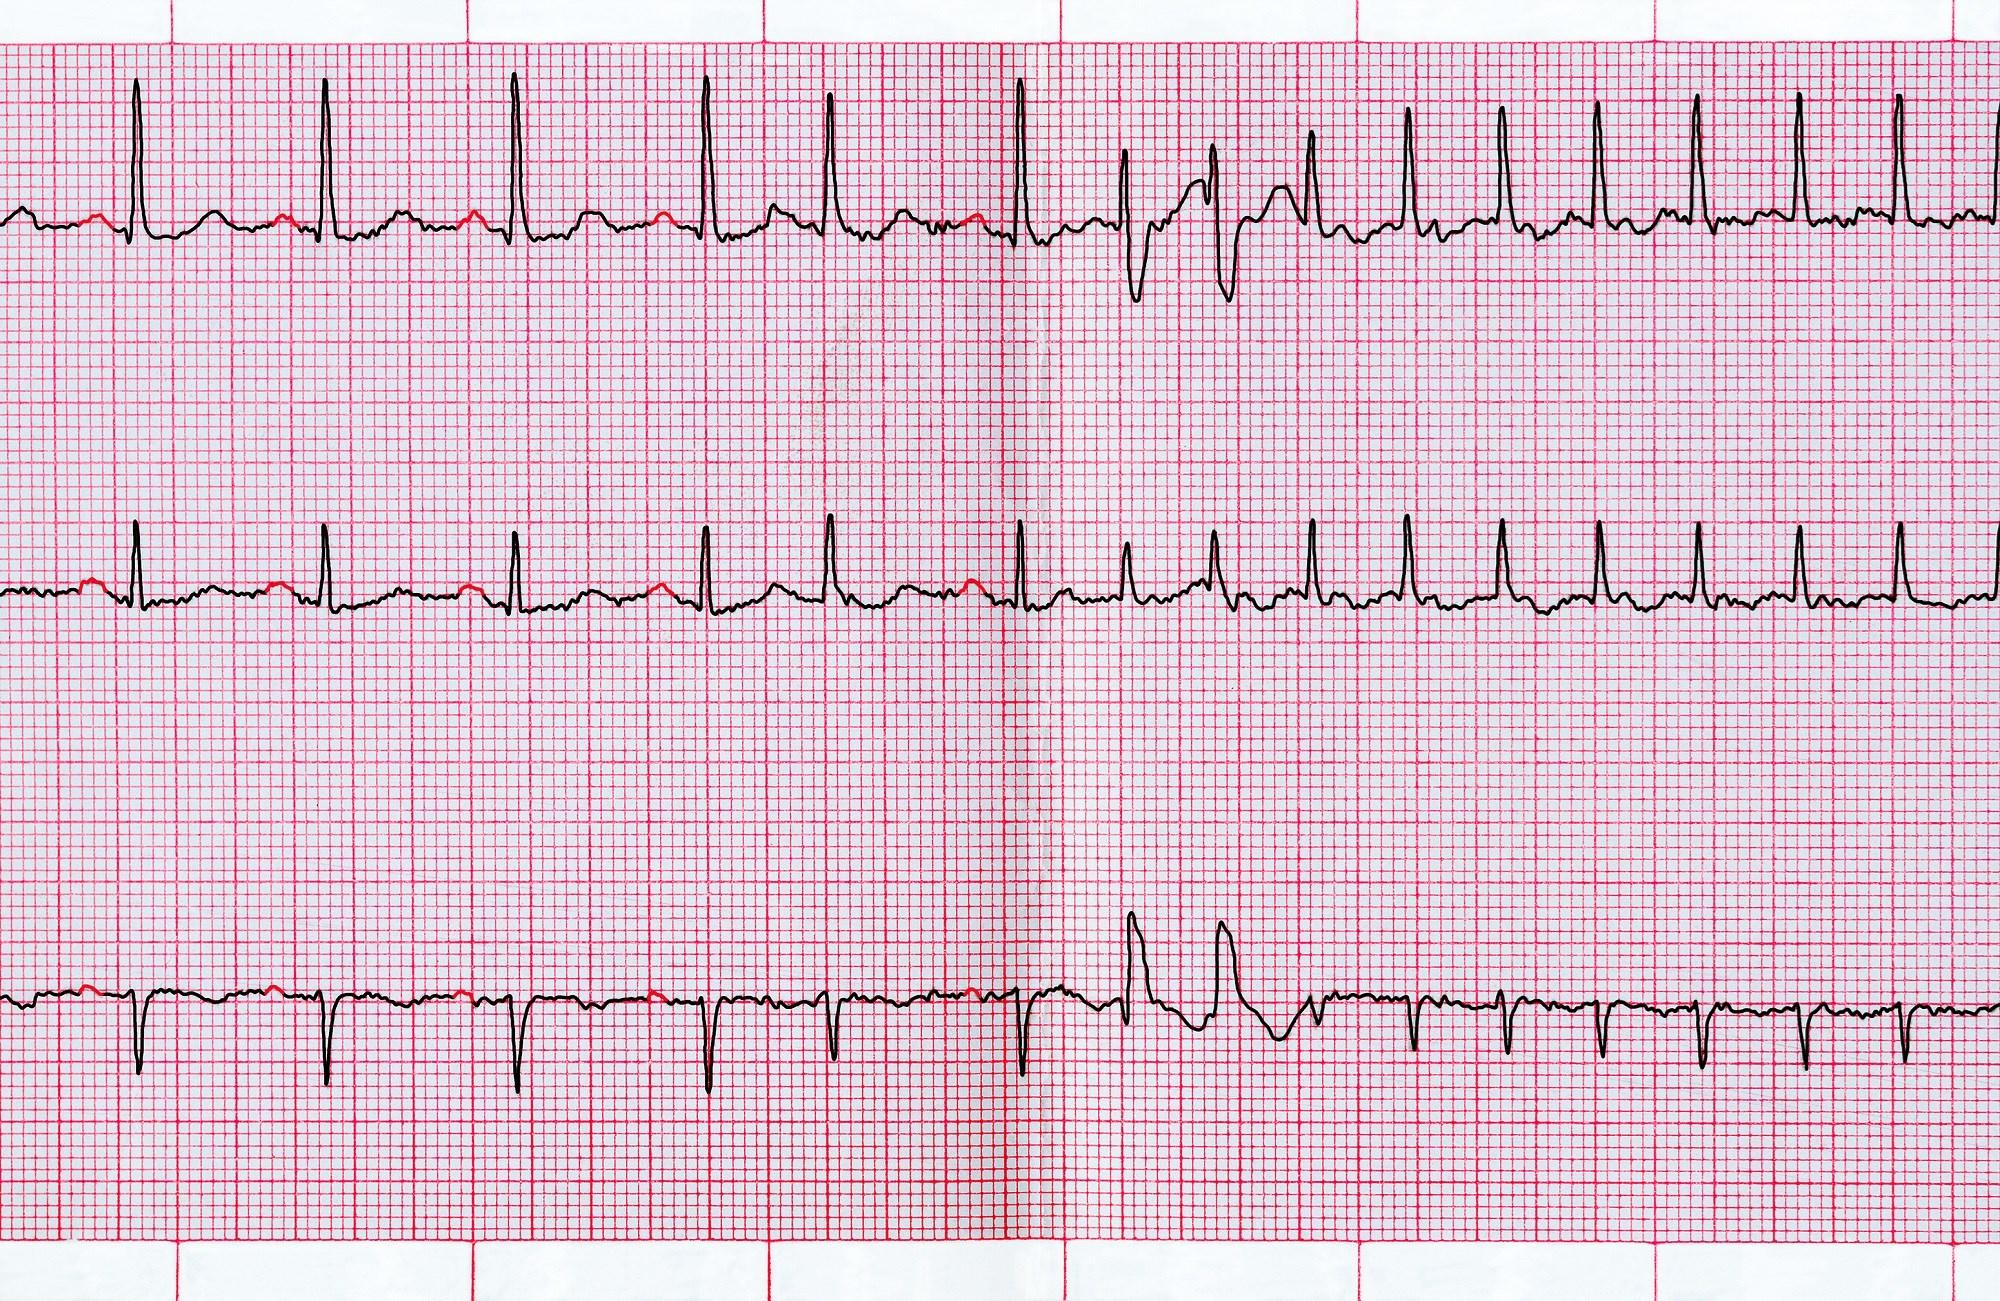 Troponin-T, NT-proBNP May Predict Mortality Risk in Atrial Fibrillation